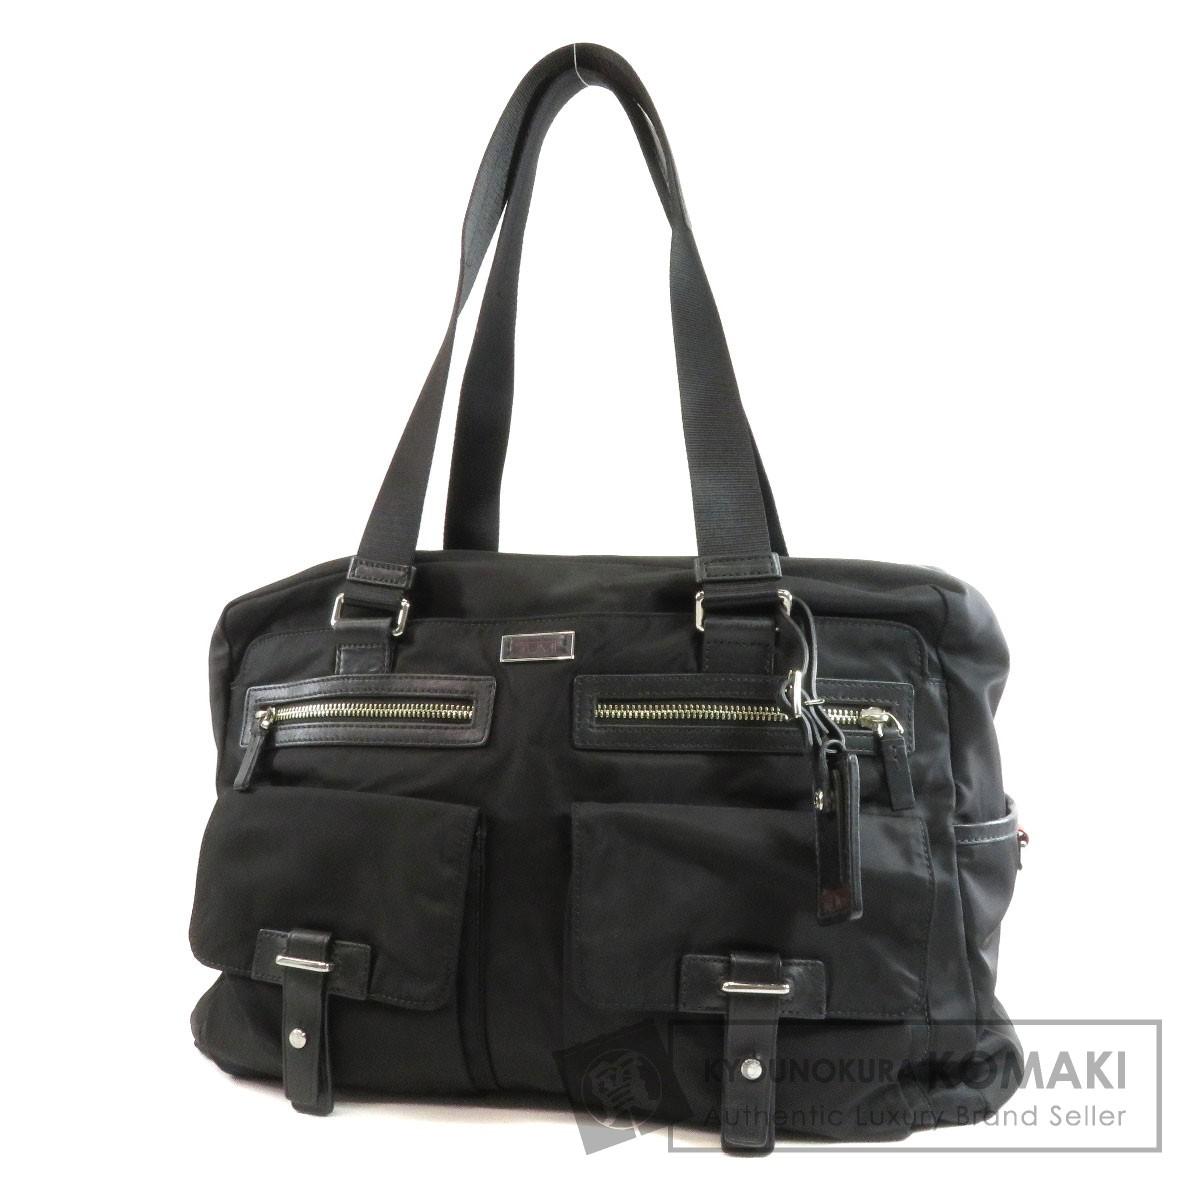 TUMI フロントポケット ビジネスバッグ ナイロン メンズ 【中古】【トゥミ】